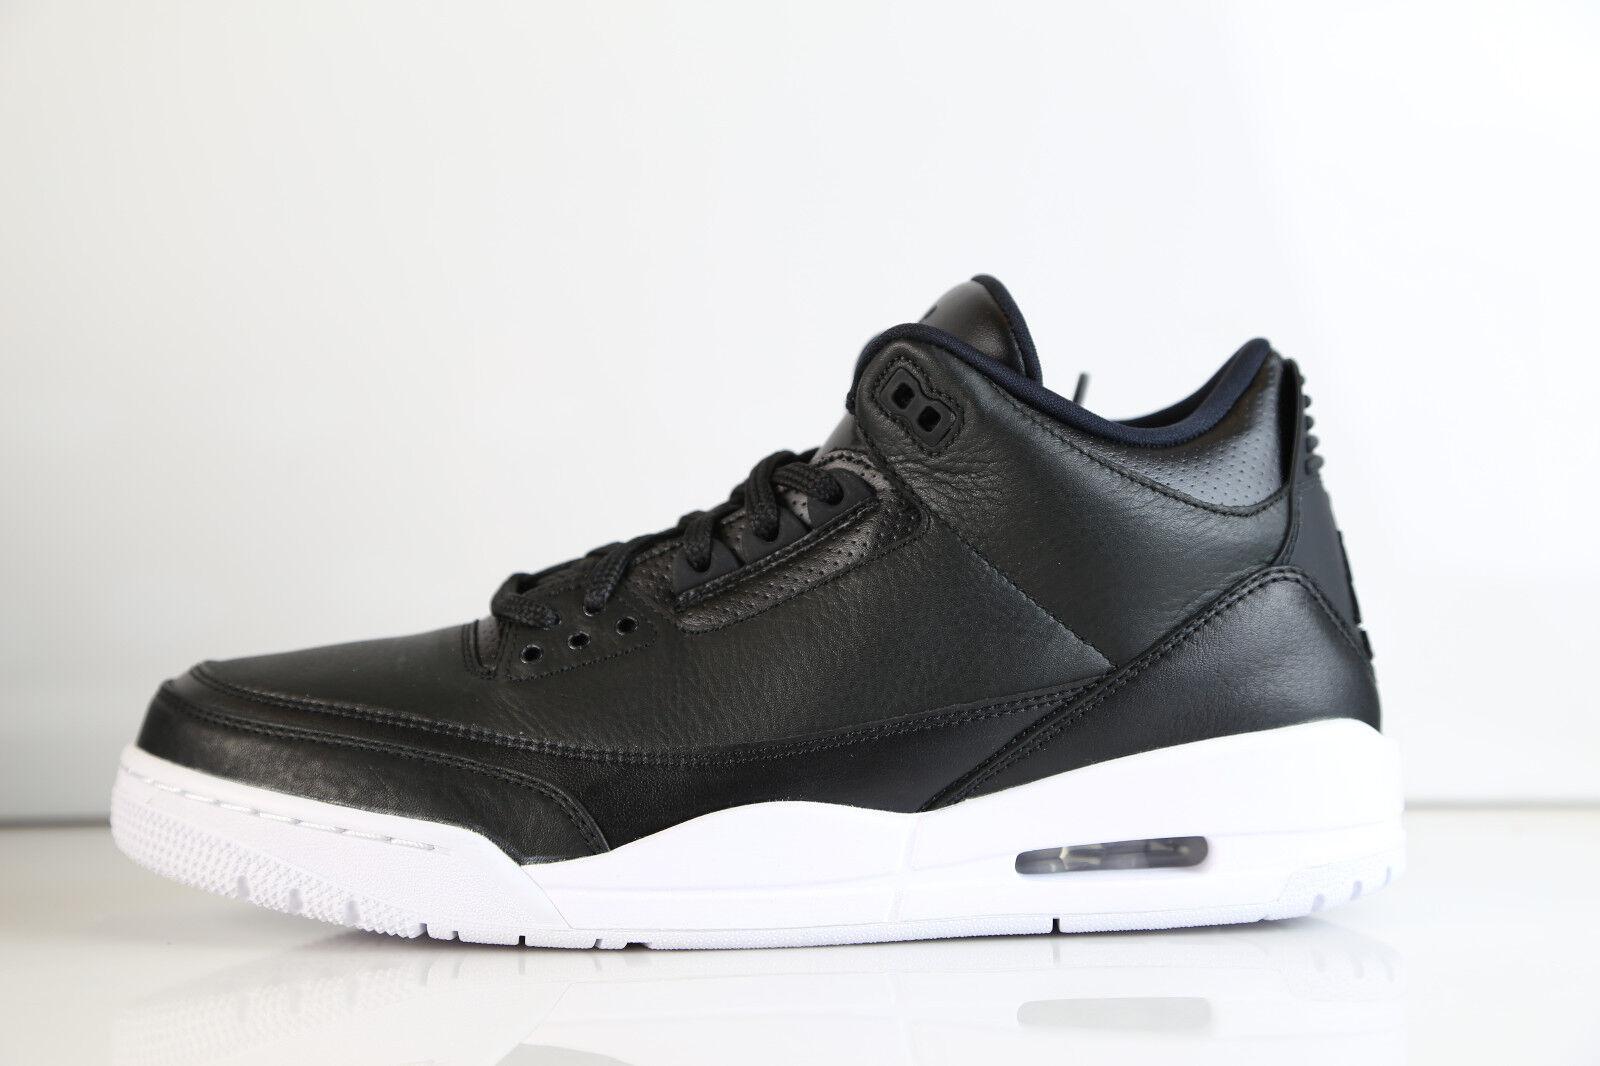 Nike Air Jordan Retro 3 Cyber Monday Black 2016 136064-020 8-13 11 4 white